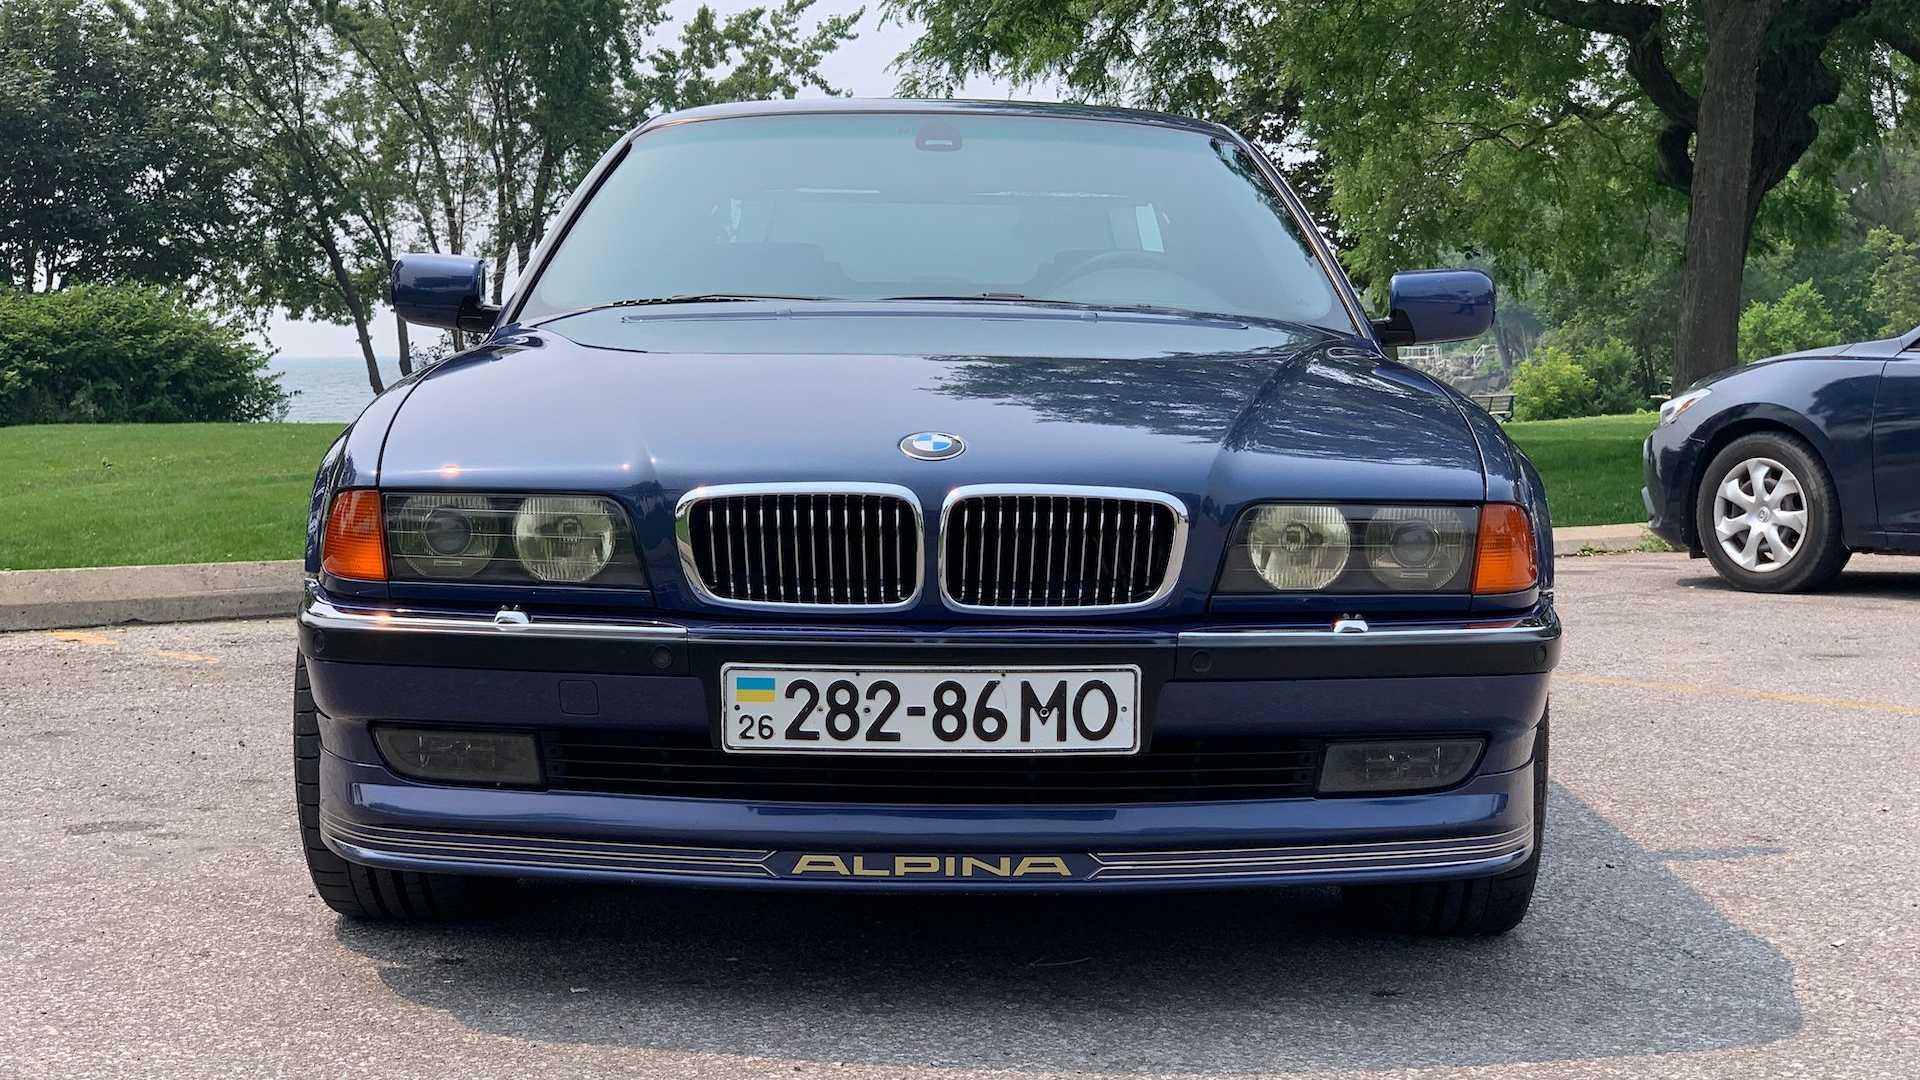 rare-1998-alpina-b12-5.7-for-sale-10